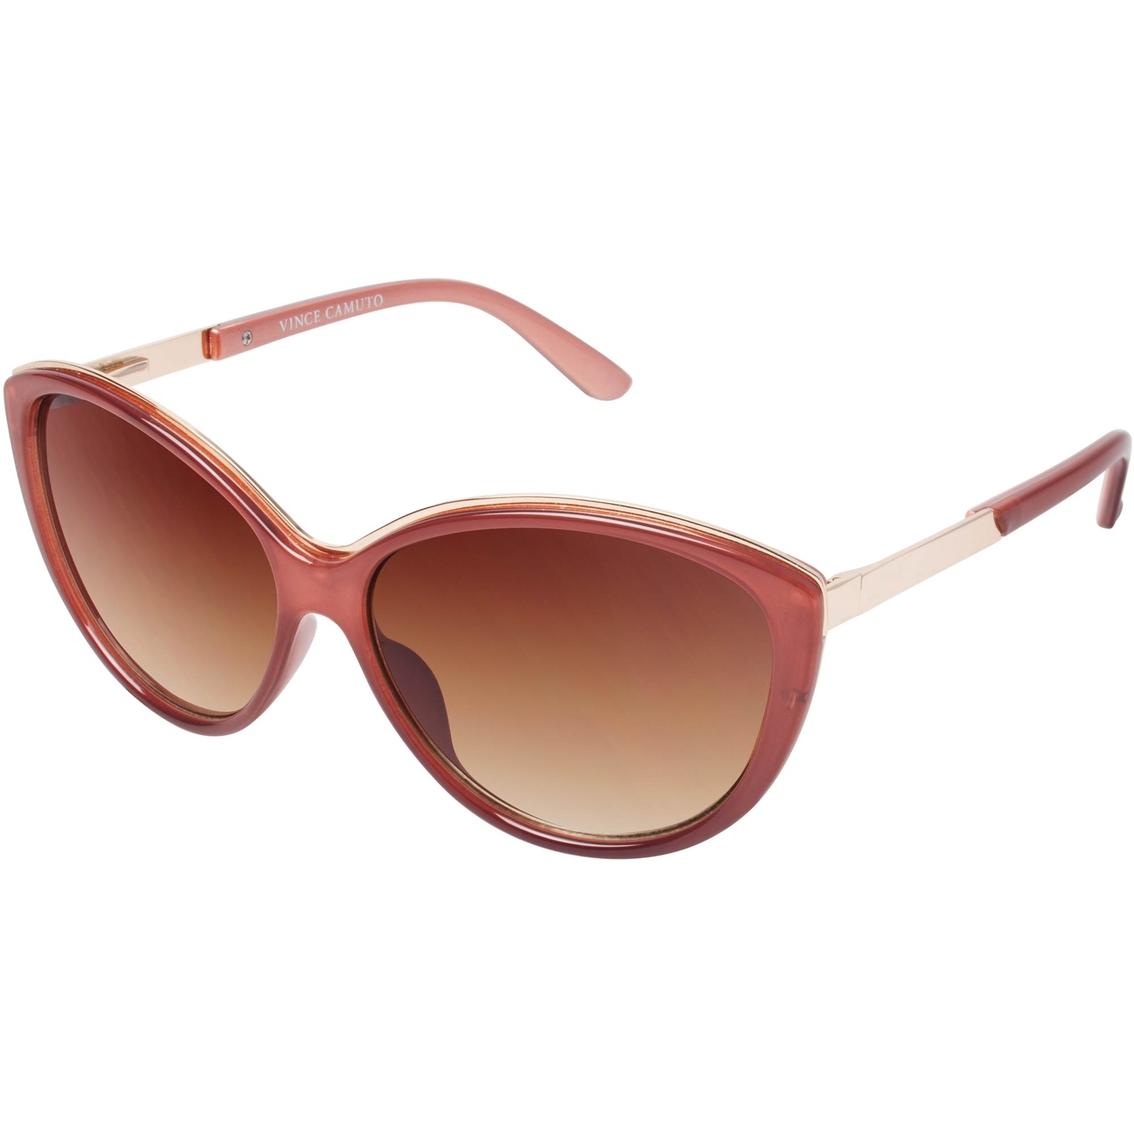 956548b0a1d21 Vince Camuto Cat Eye Sunglasses Vc592